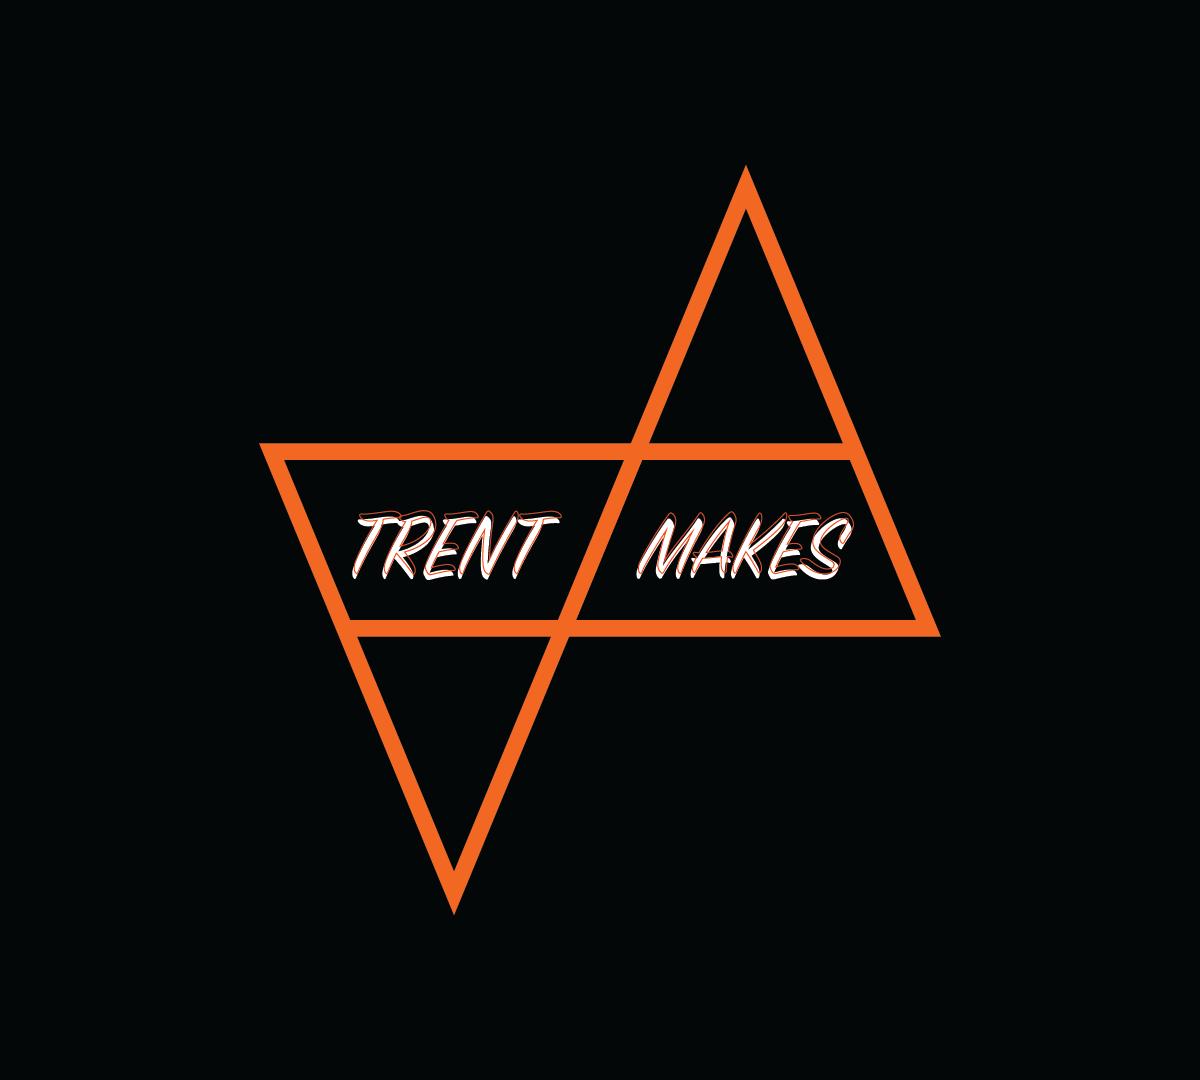 TrentMakes